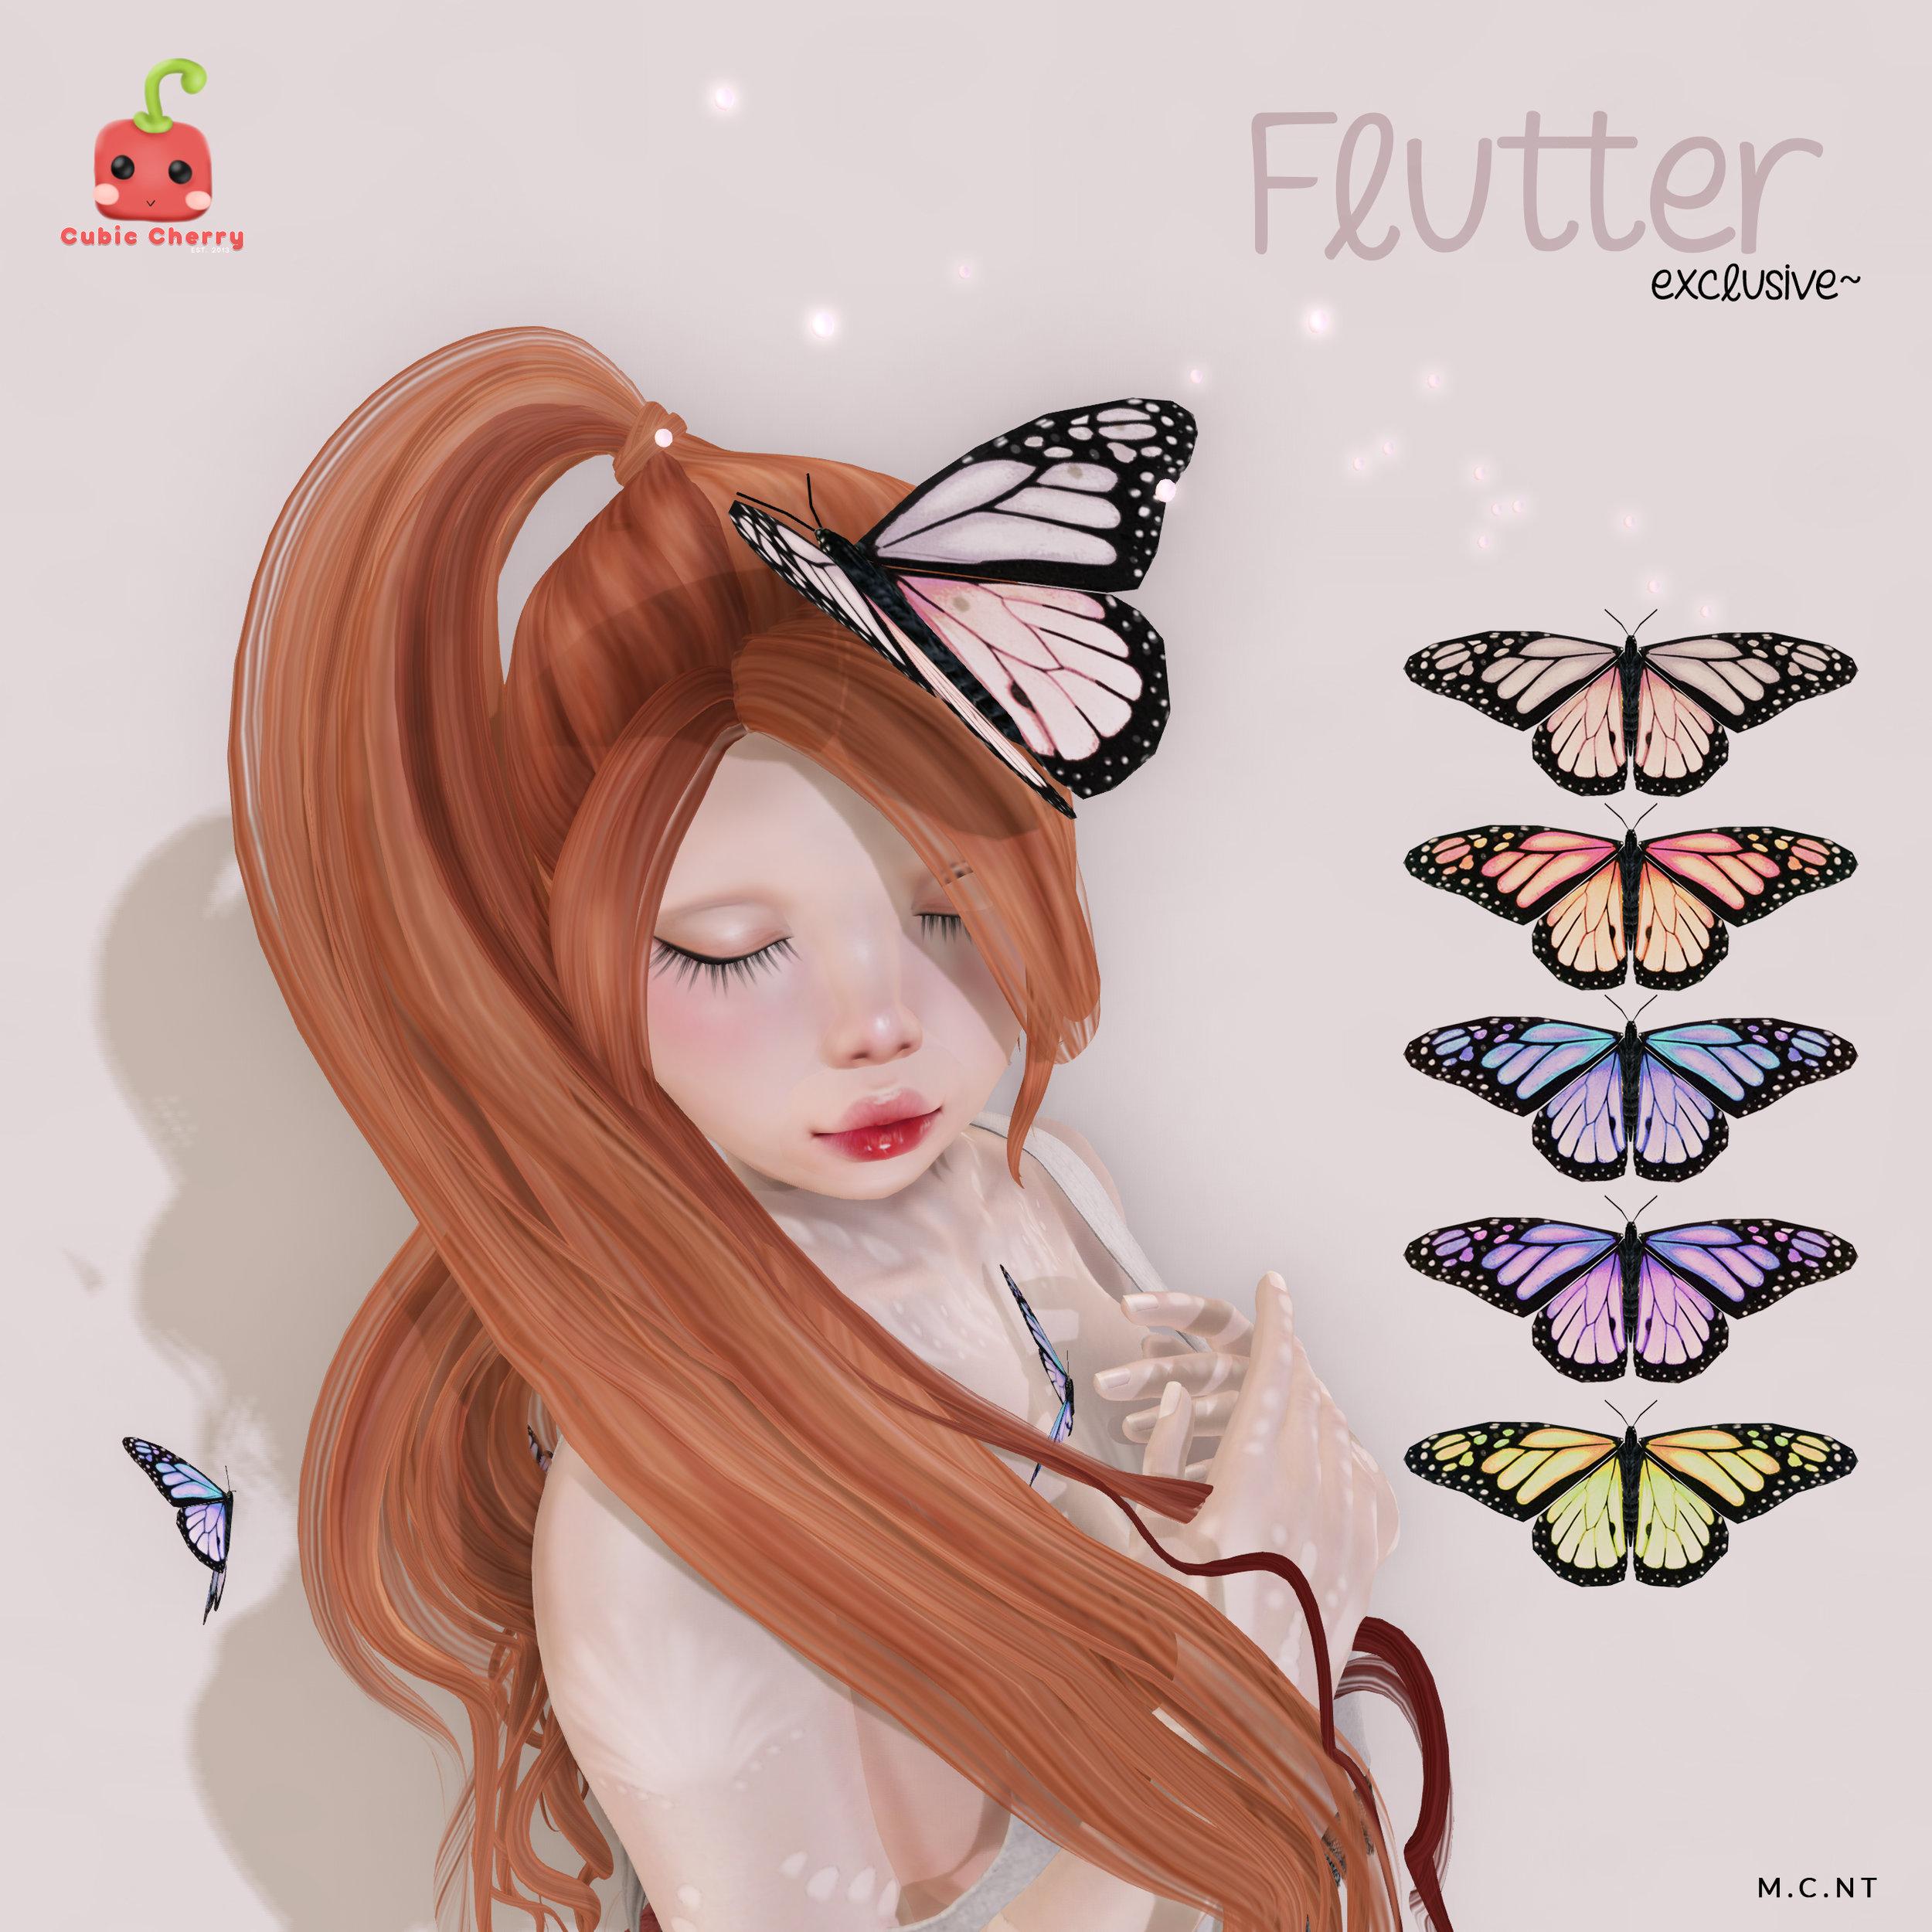 flutter-set-exclusive-vendor-cubic-cherry.jpg